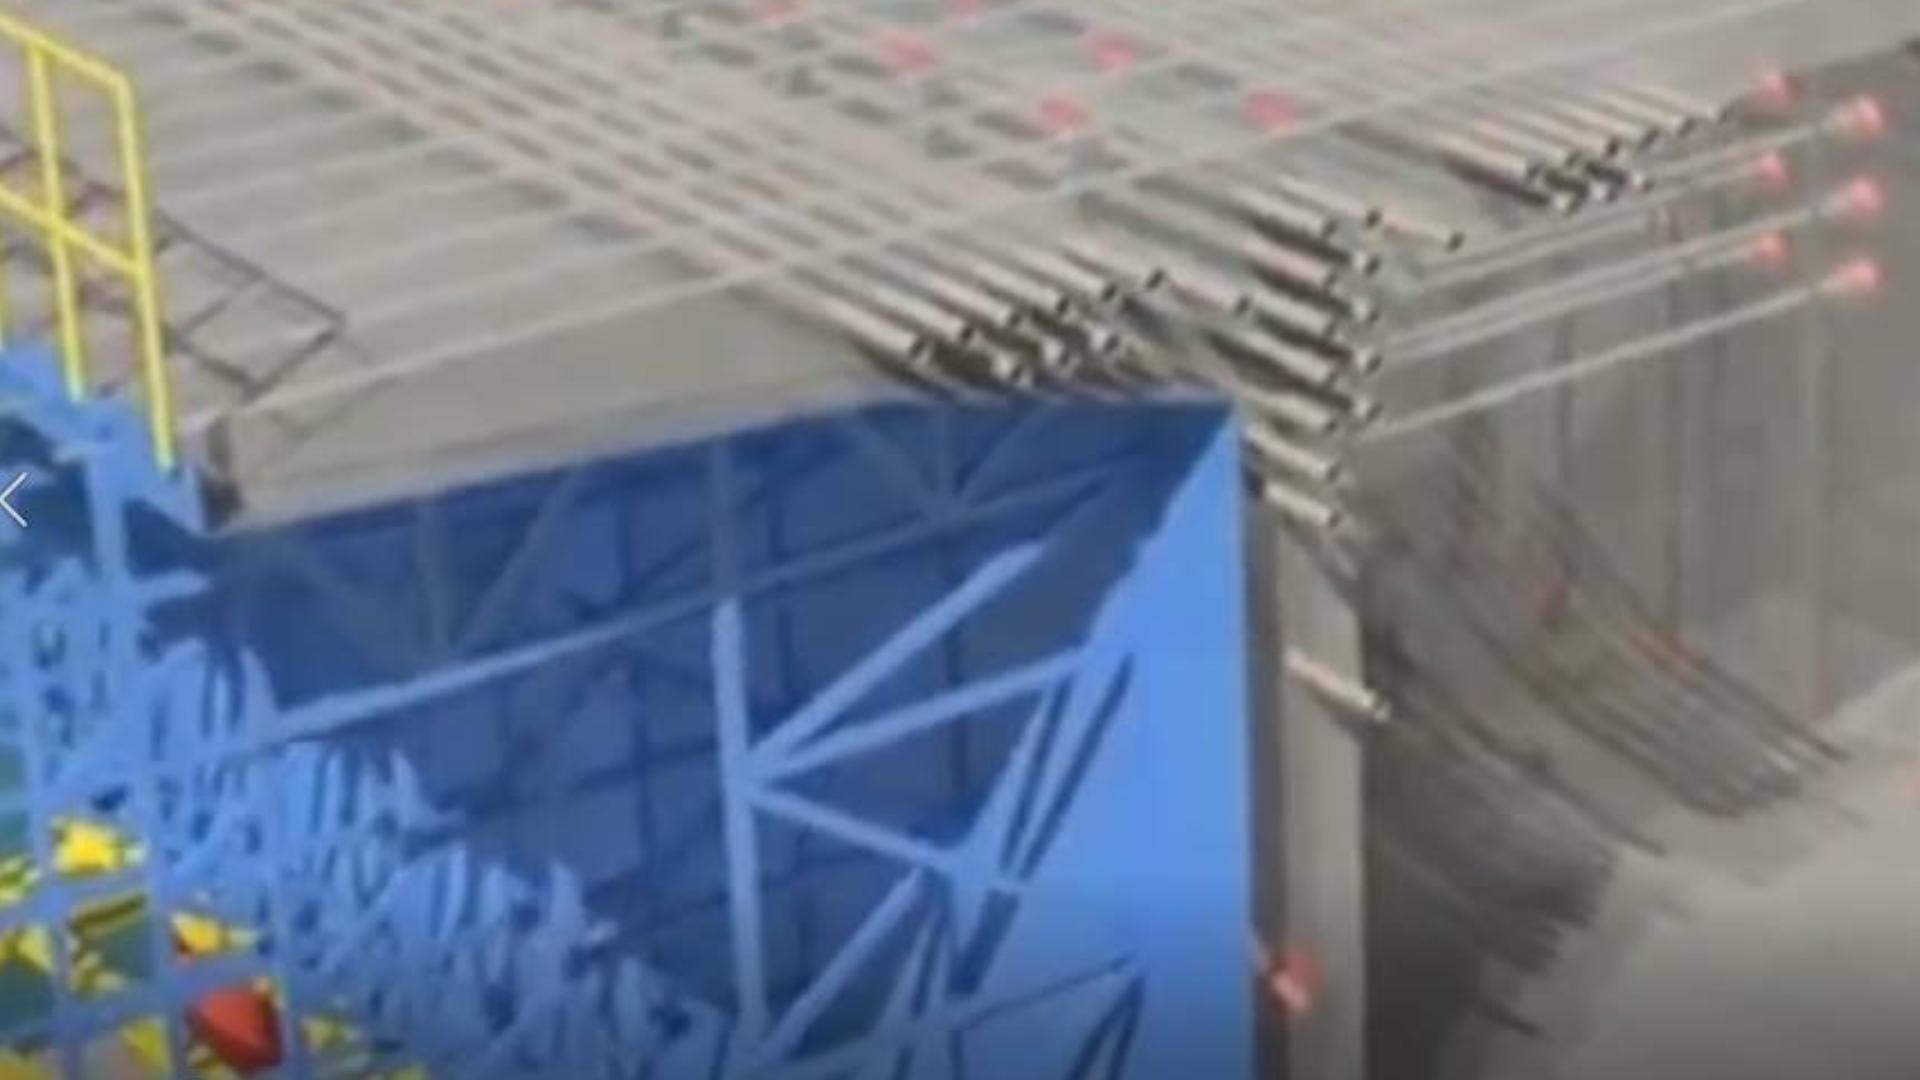 杭州湾大桥BIM应用:3分钟实例演示,技术先进,值得收藏!.MP4